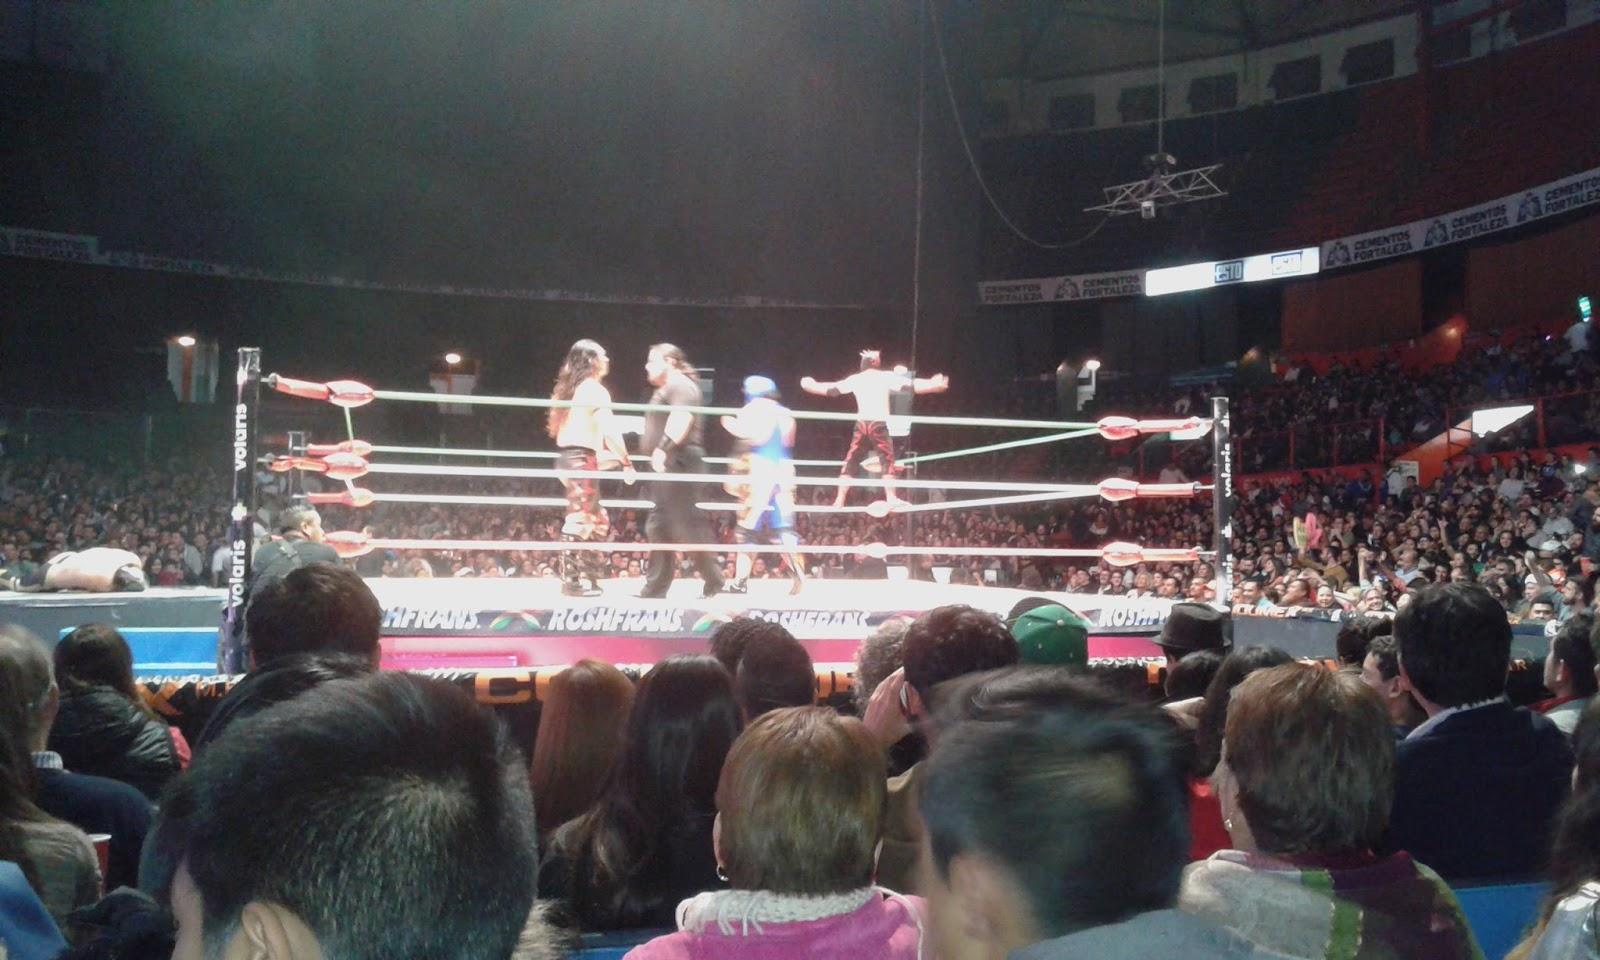 5c38dc7a11 ... función luchística del Consejo Mundial de Lucha Libre, en este caso, de  la Arena México, el principal recinto luchístico de la República Mexicana.